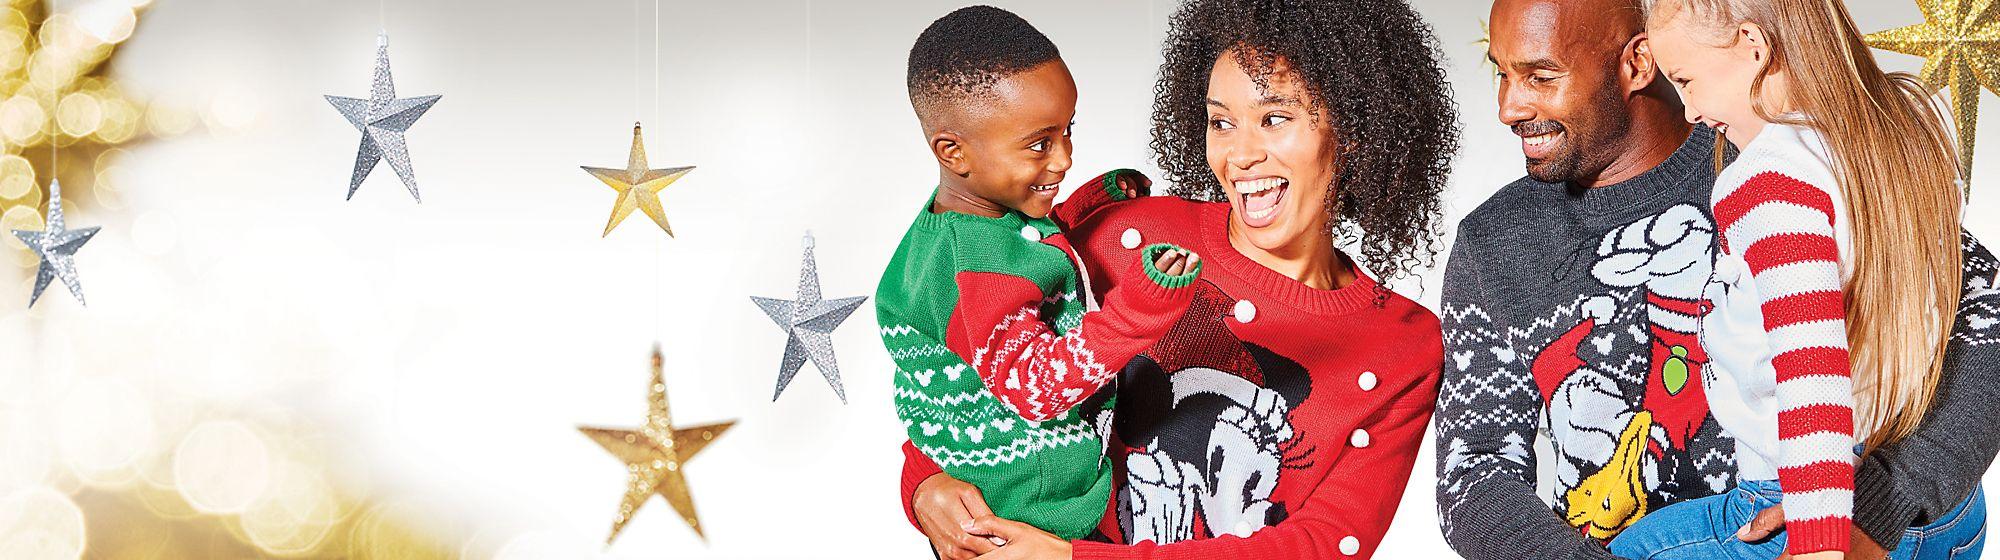 Bien au chaud pour Noël Nos pulls coordonnés pour les jours les plus magiques de l'année VOIR LA COLLECTION